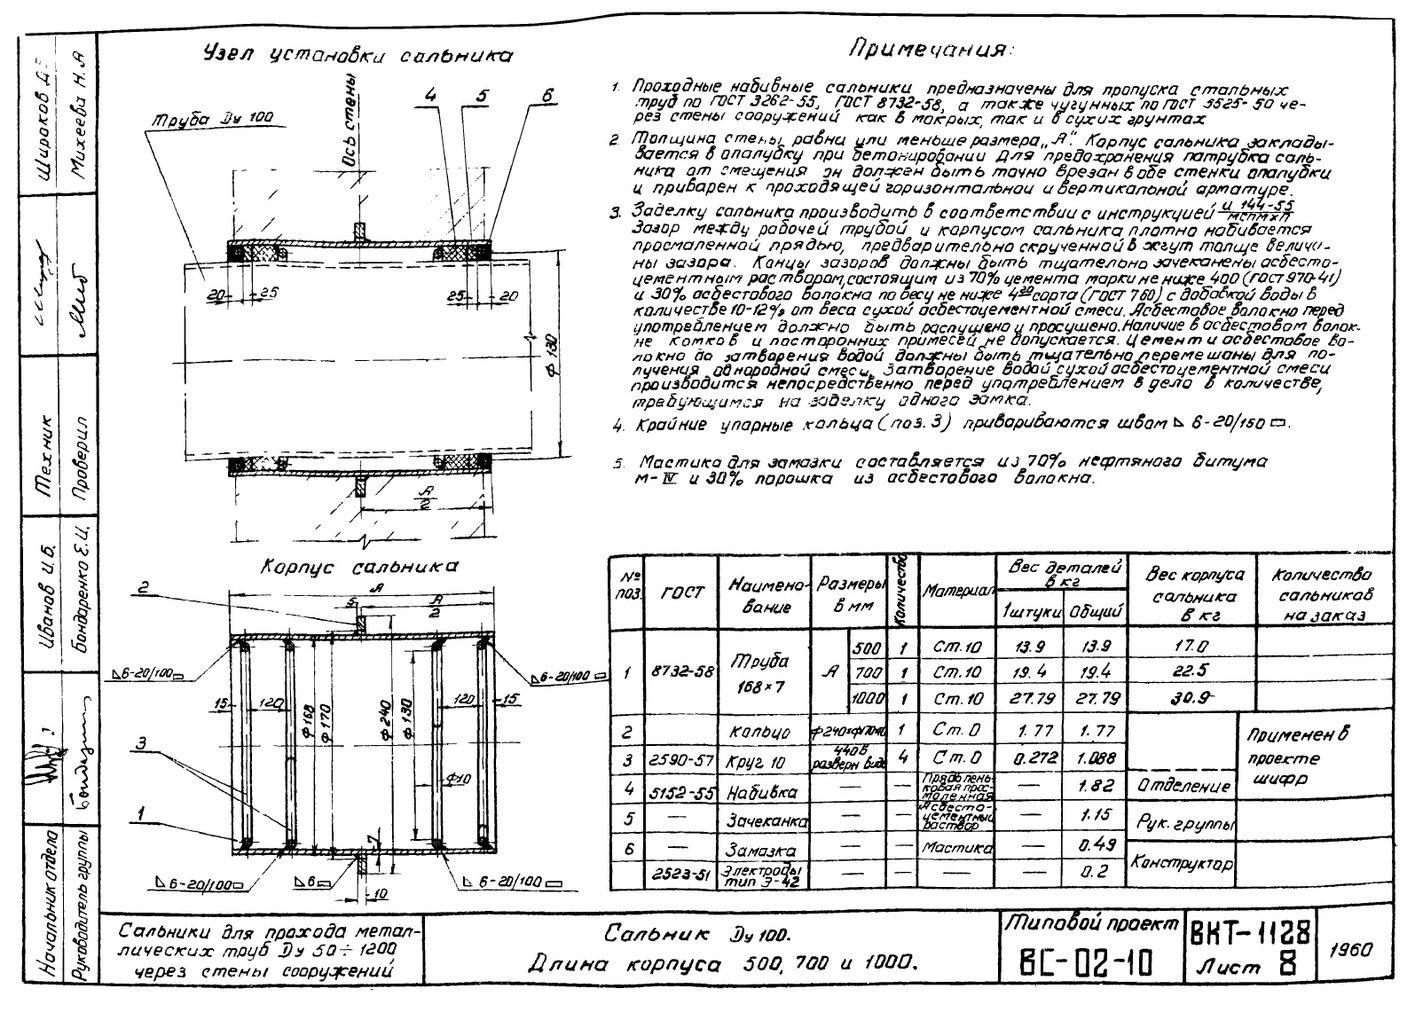 Сальники набивные L = 500 мм типовой проект ВС-02-10 стр.3